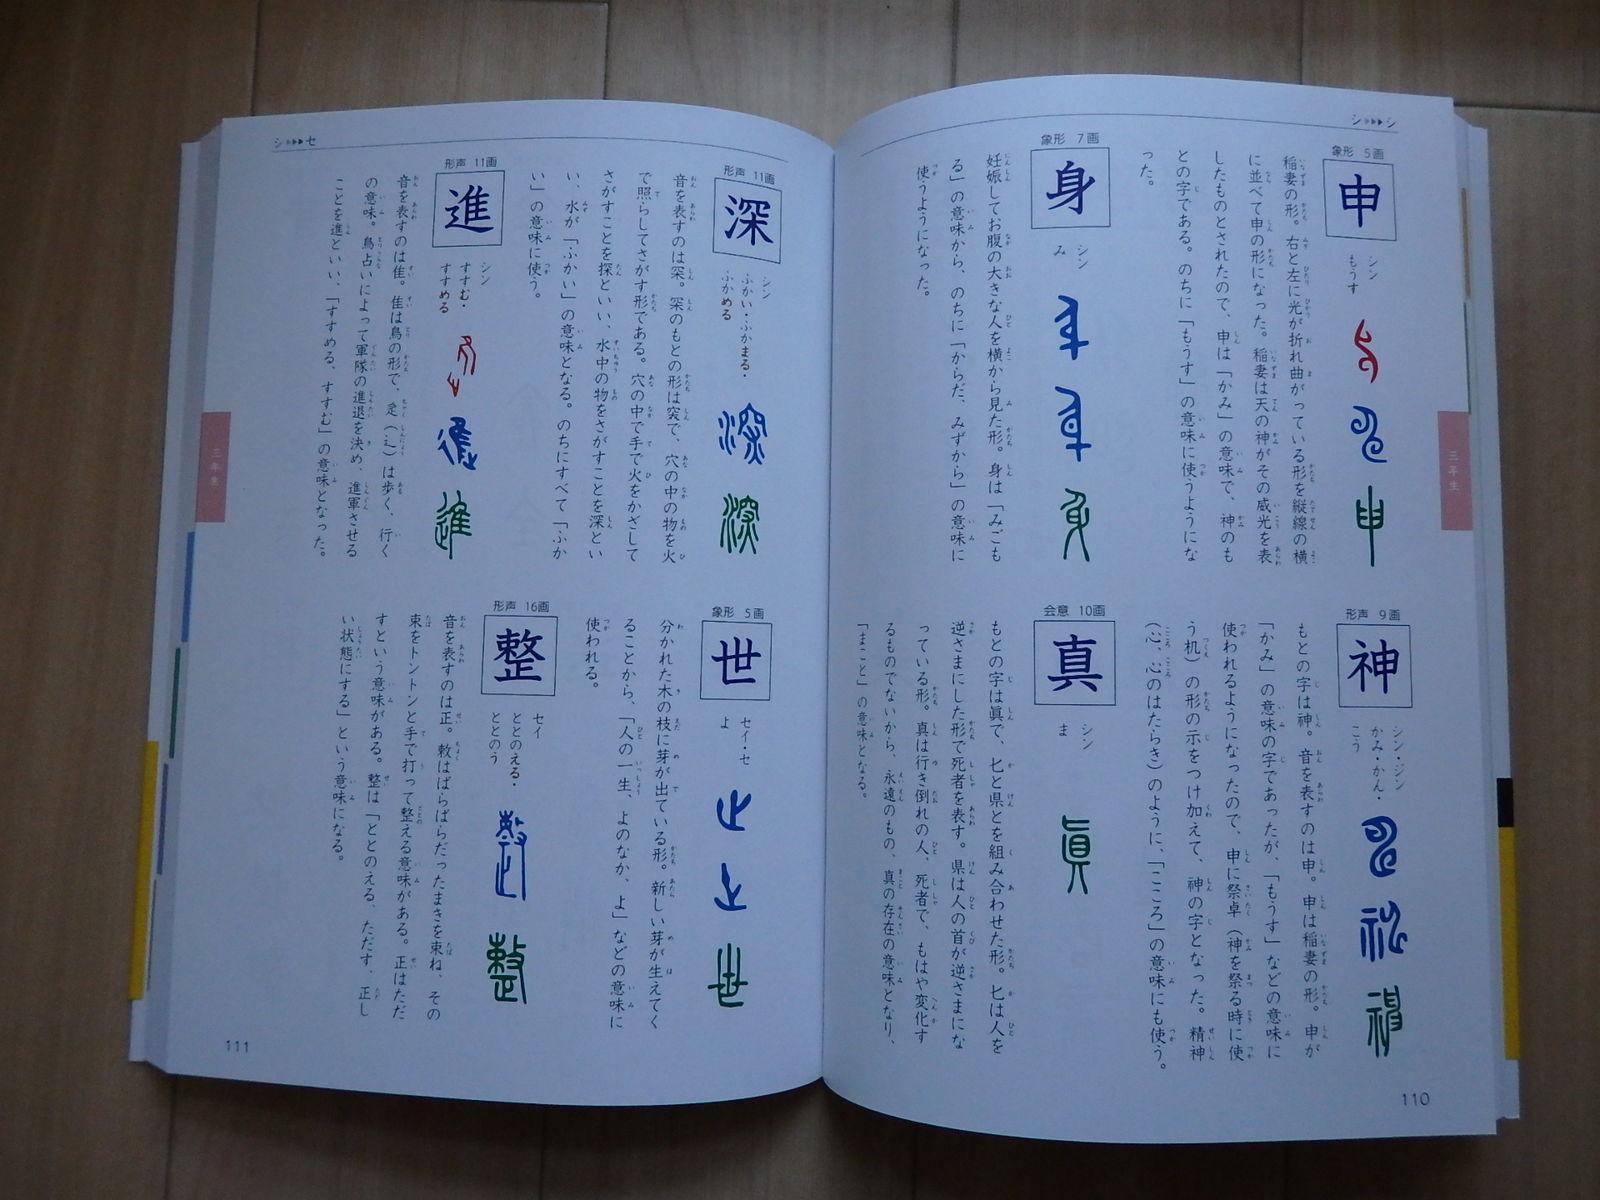 白川静博士の 漢字の世界へ」紹介 : けいkids+まり先生のブログ